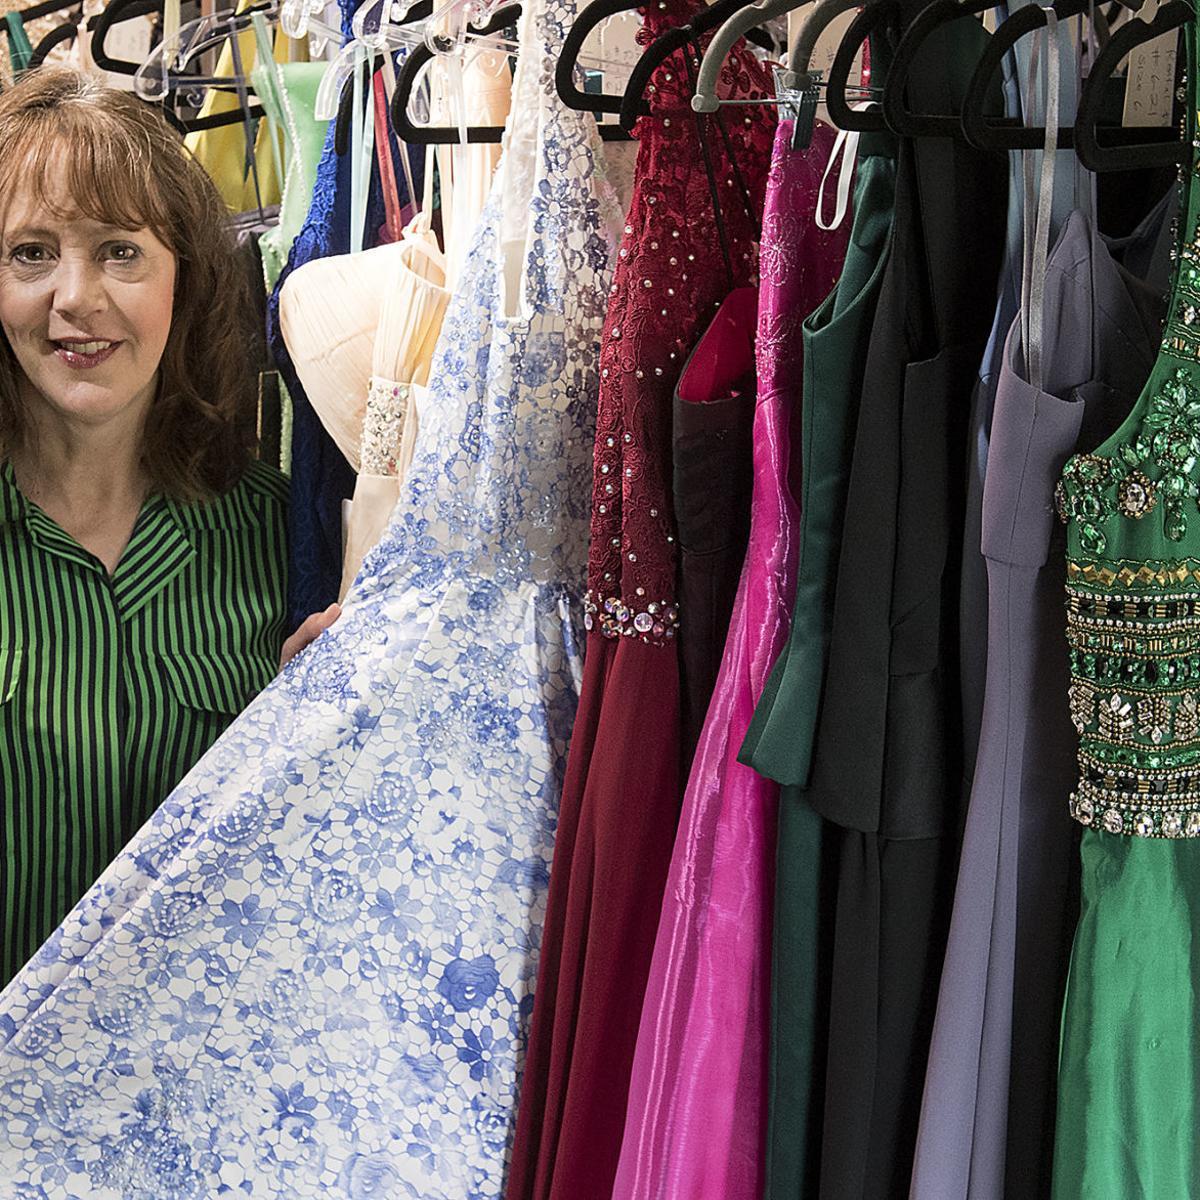 Lincoln entrepreneur opens up formal dress rental shop in